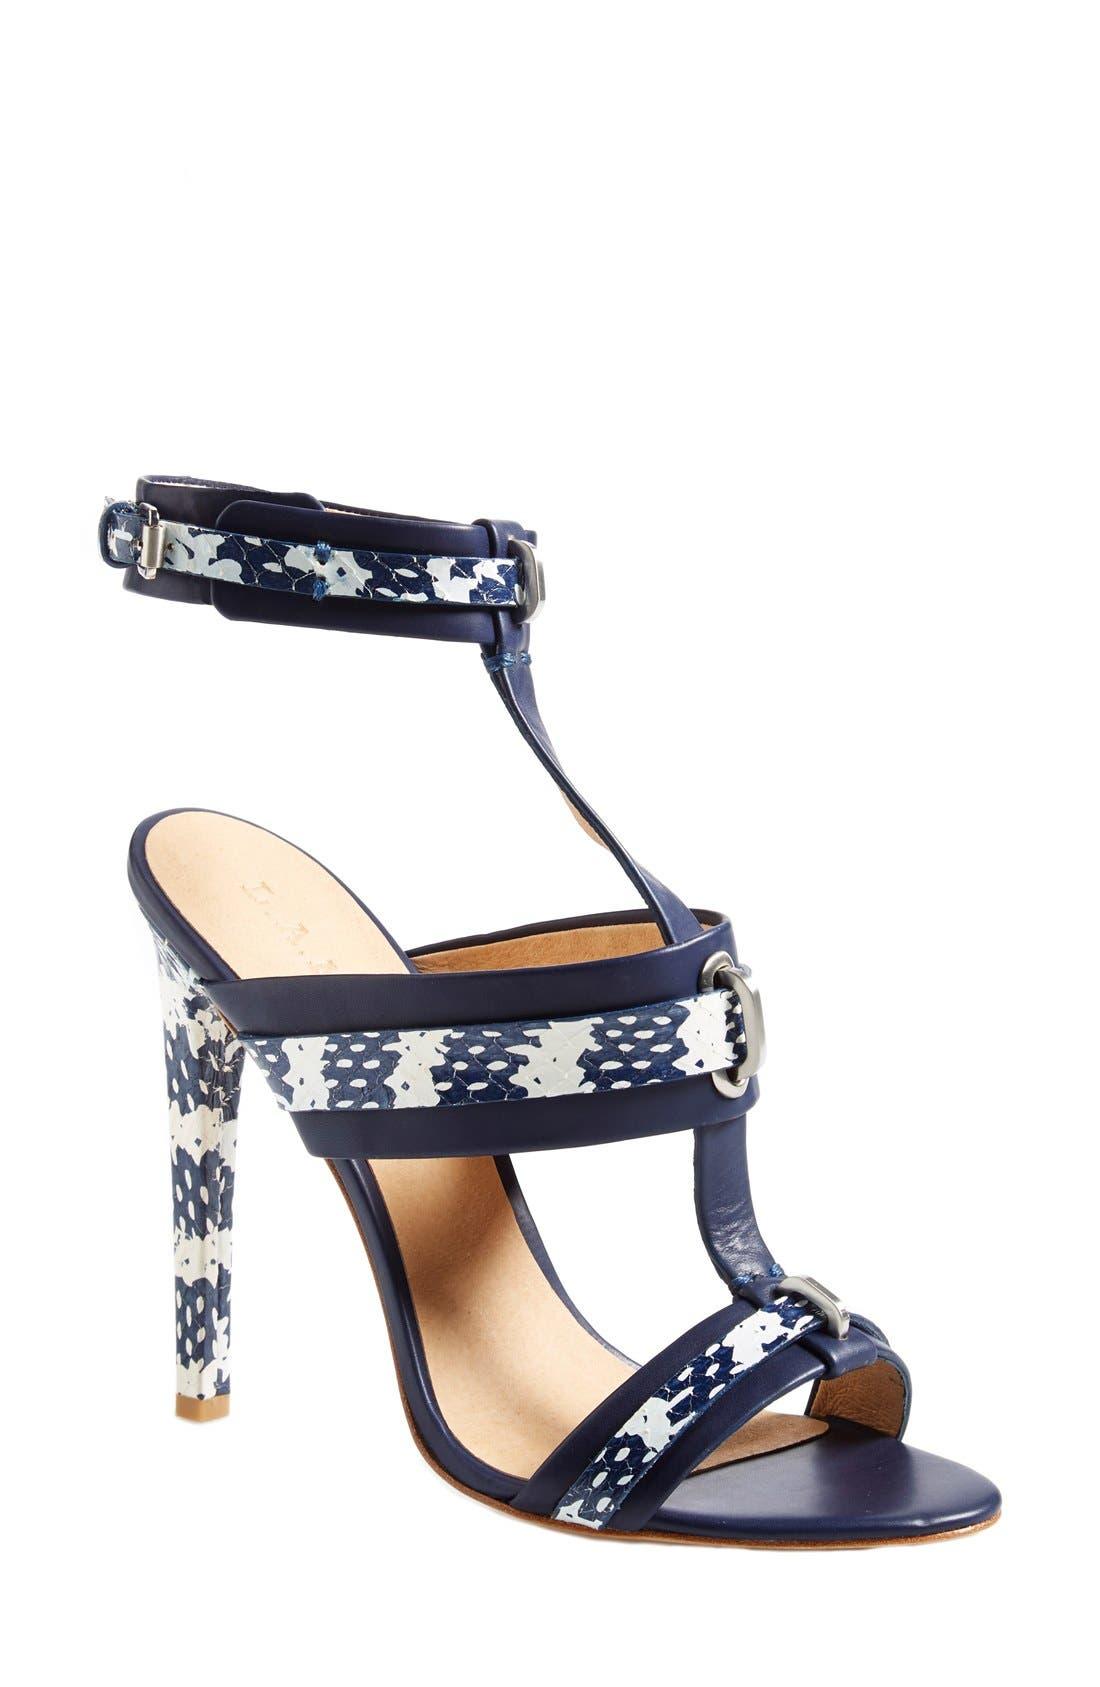 Main Image - L.A.M.B. 'Bradley' T-Strap Sandal (Women)